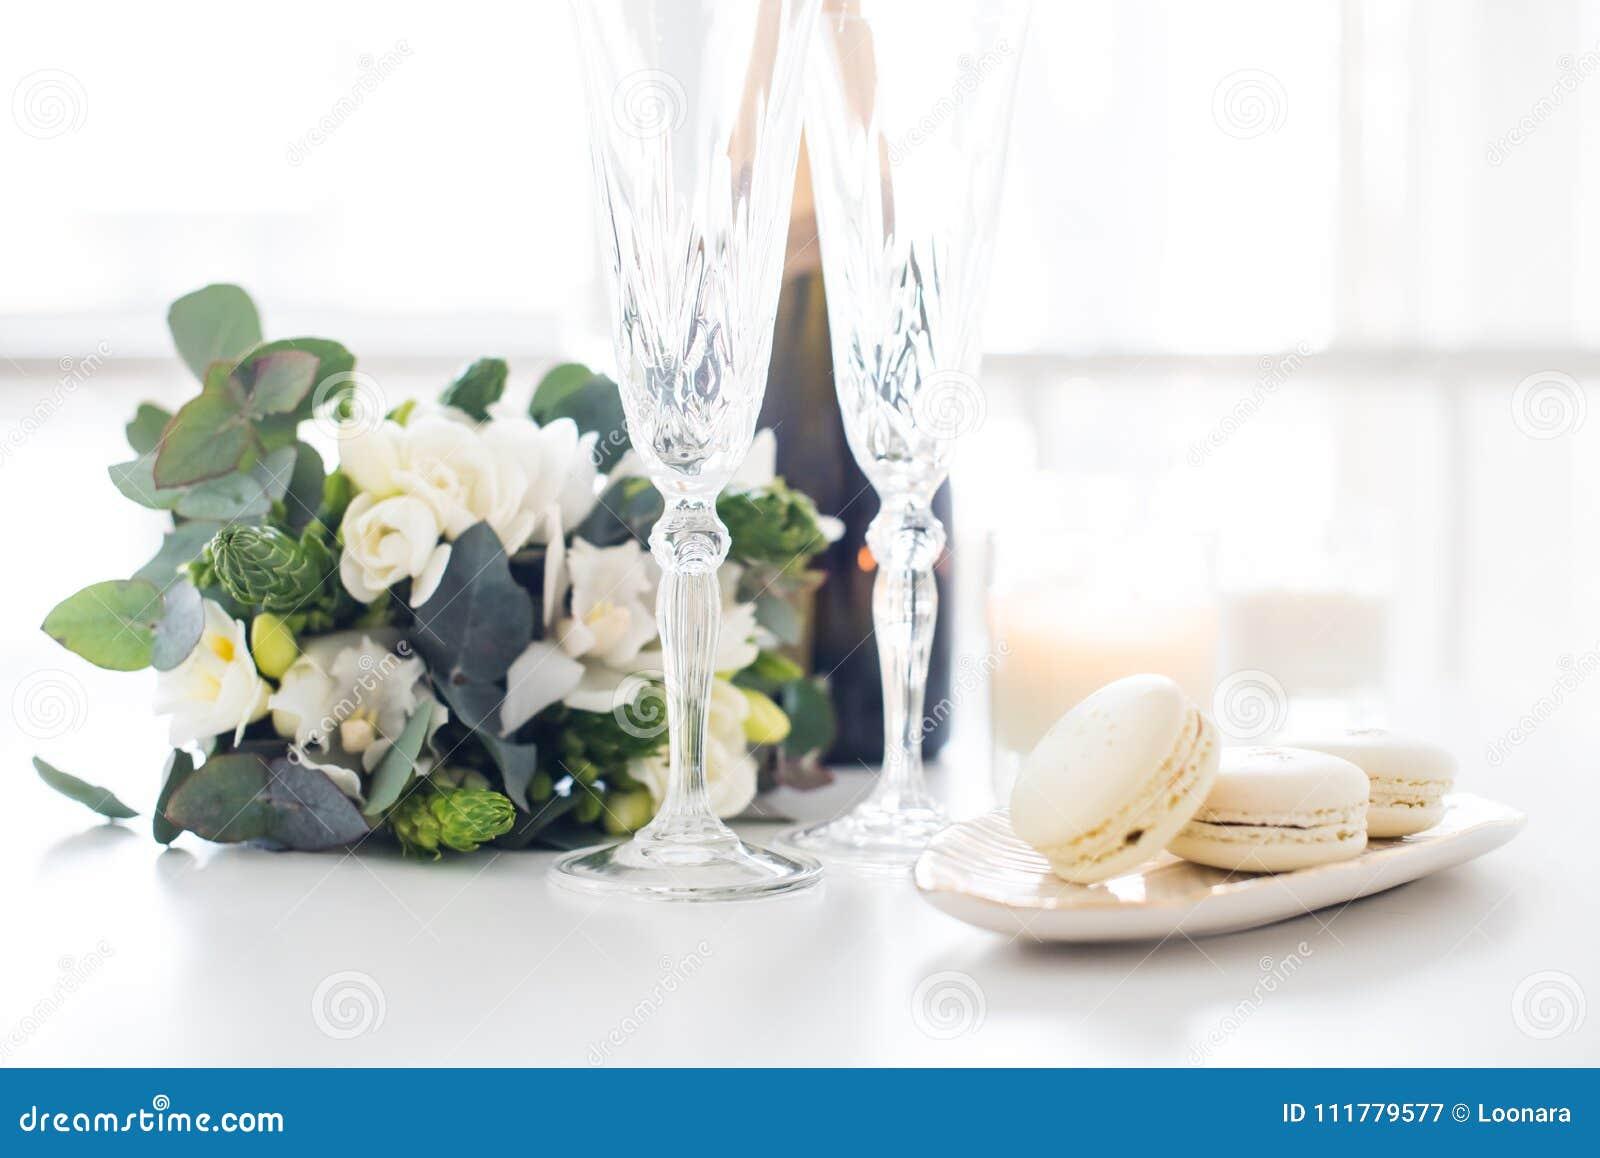 Schone Hochzeitsdekoration Mit Dem Champagner Und Blumen Elegant